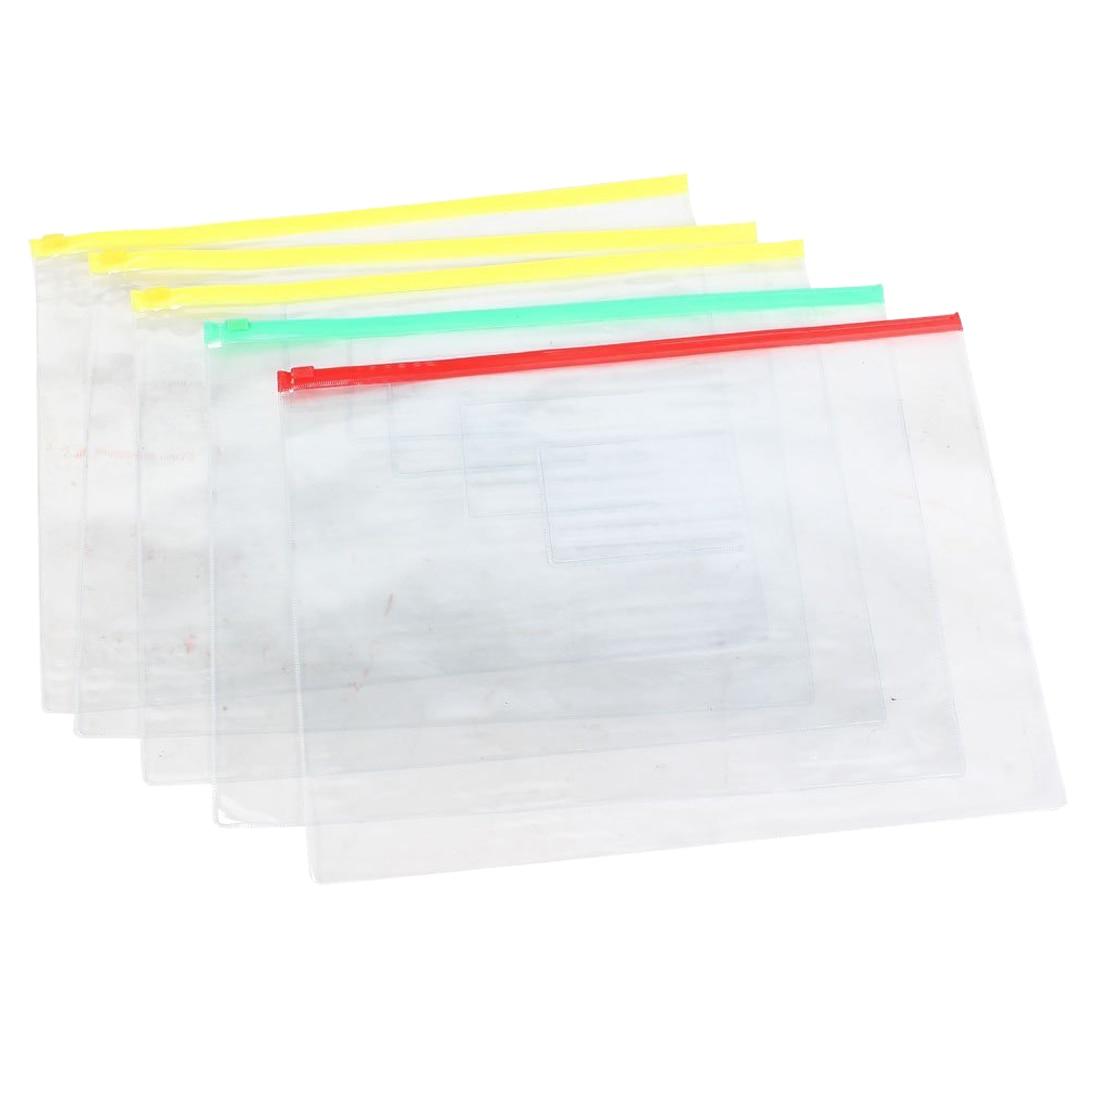 SOSW-5 Pcs Clear Plastic Water Proof Pen A4 File Paper Ziplock Bags Folders